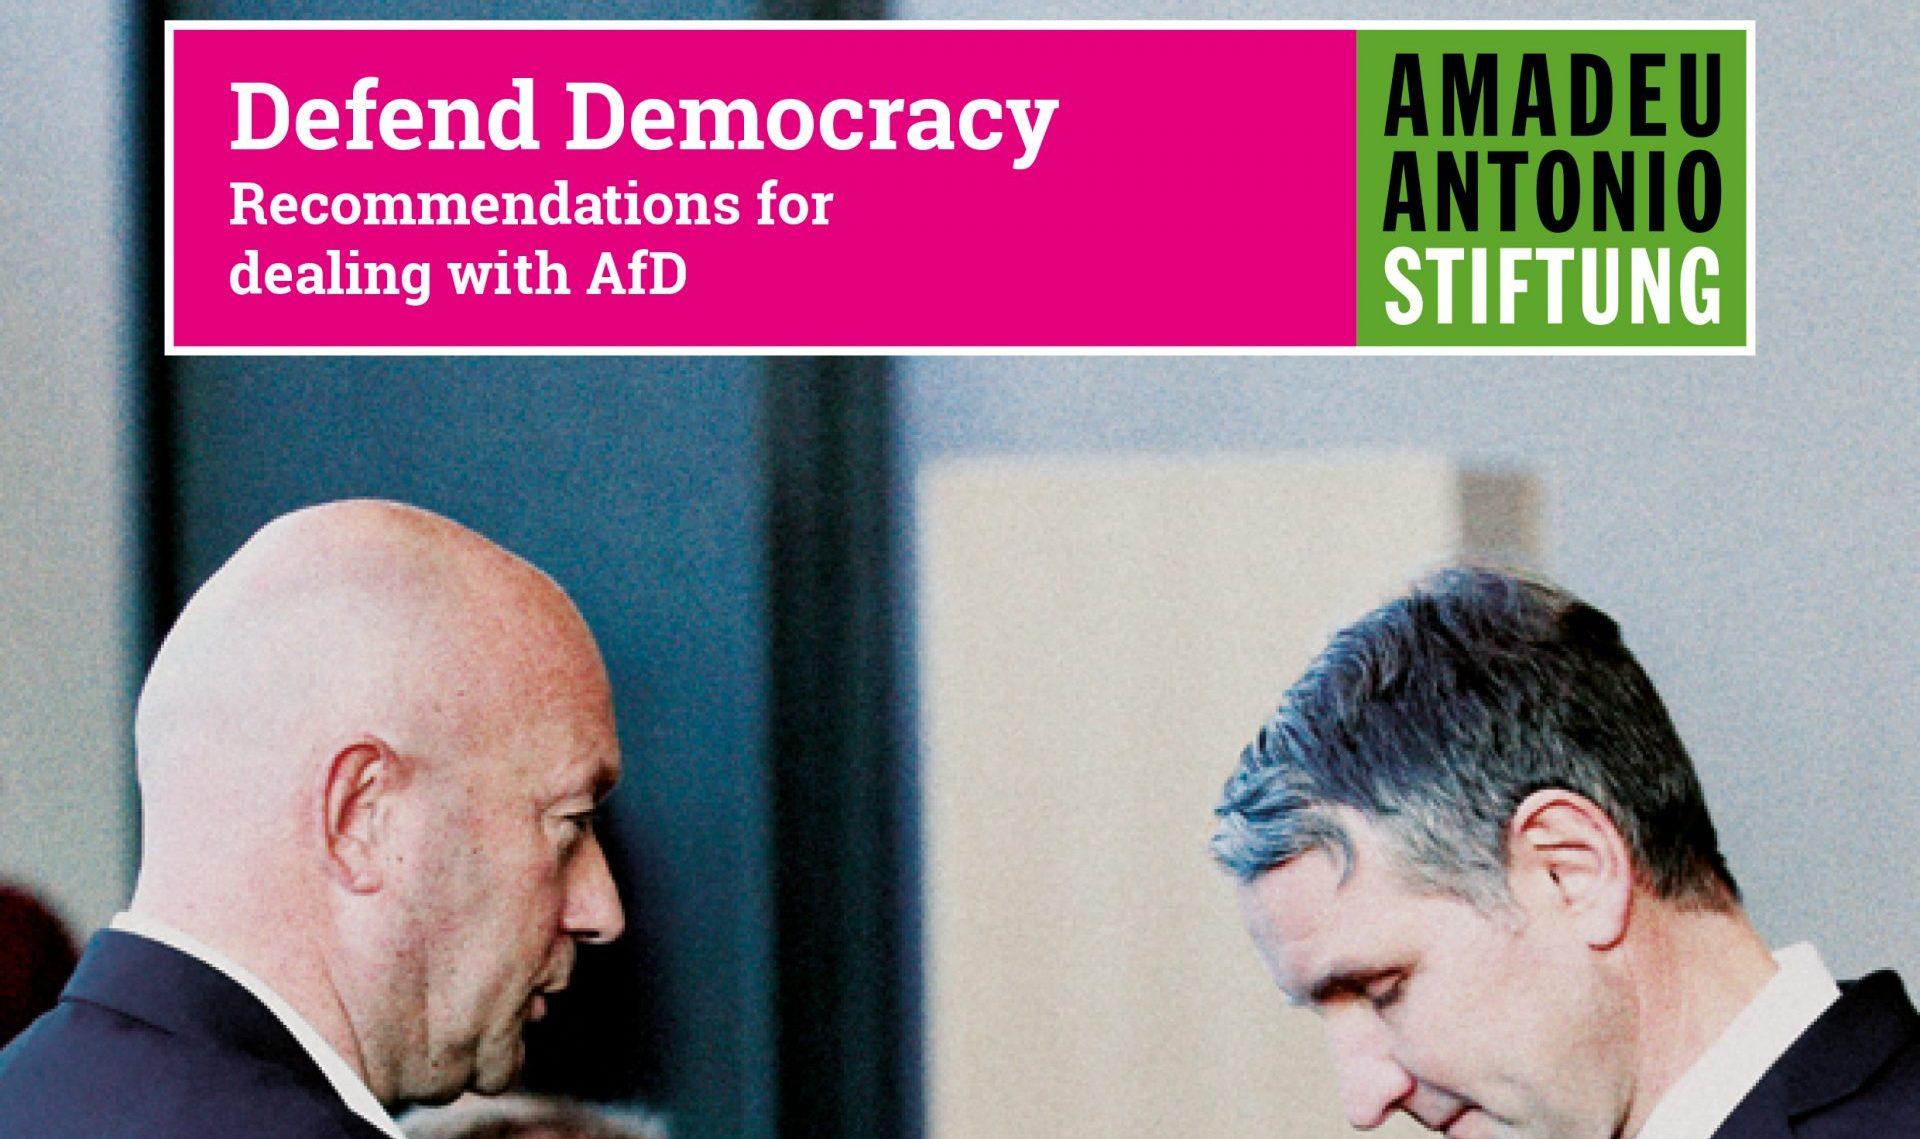 defend_democracy_16_9